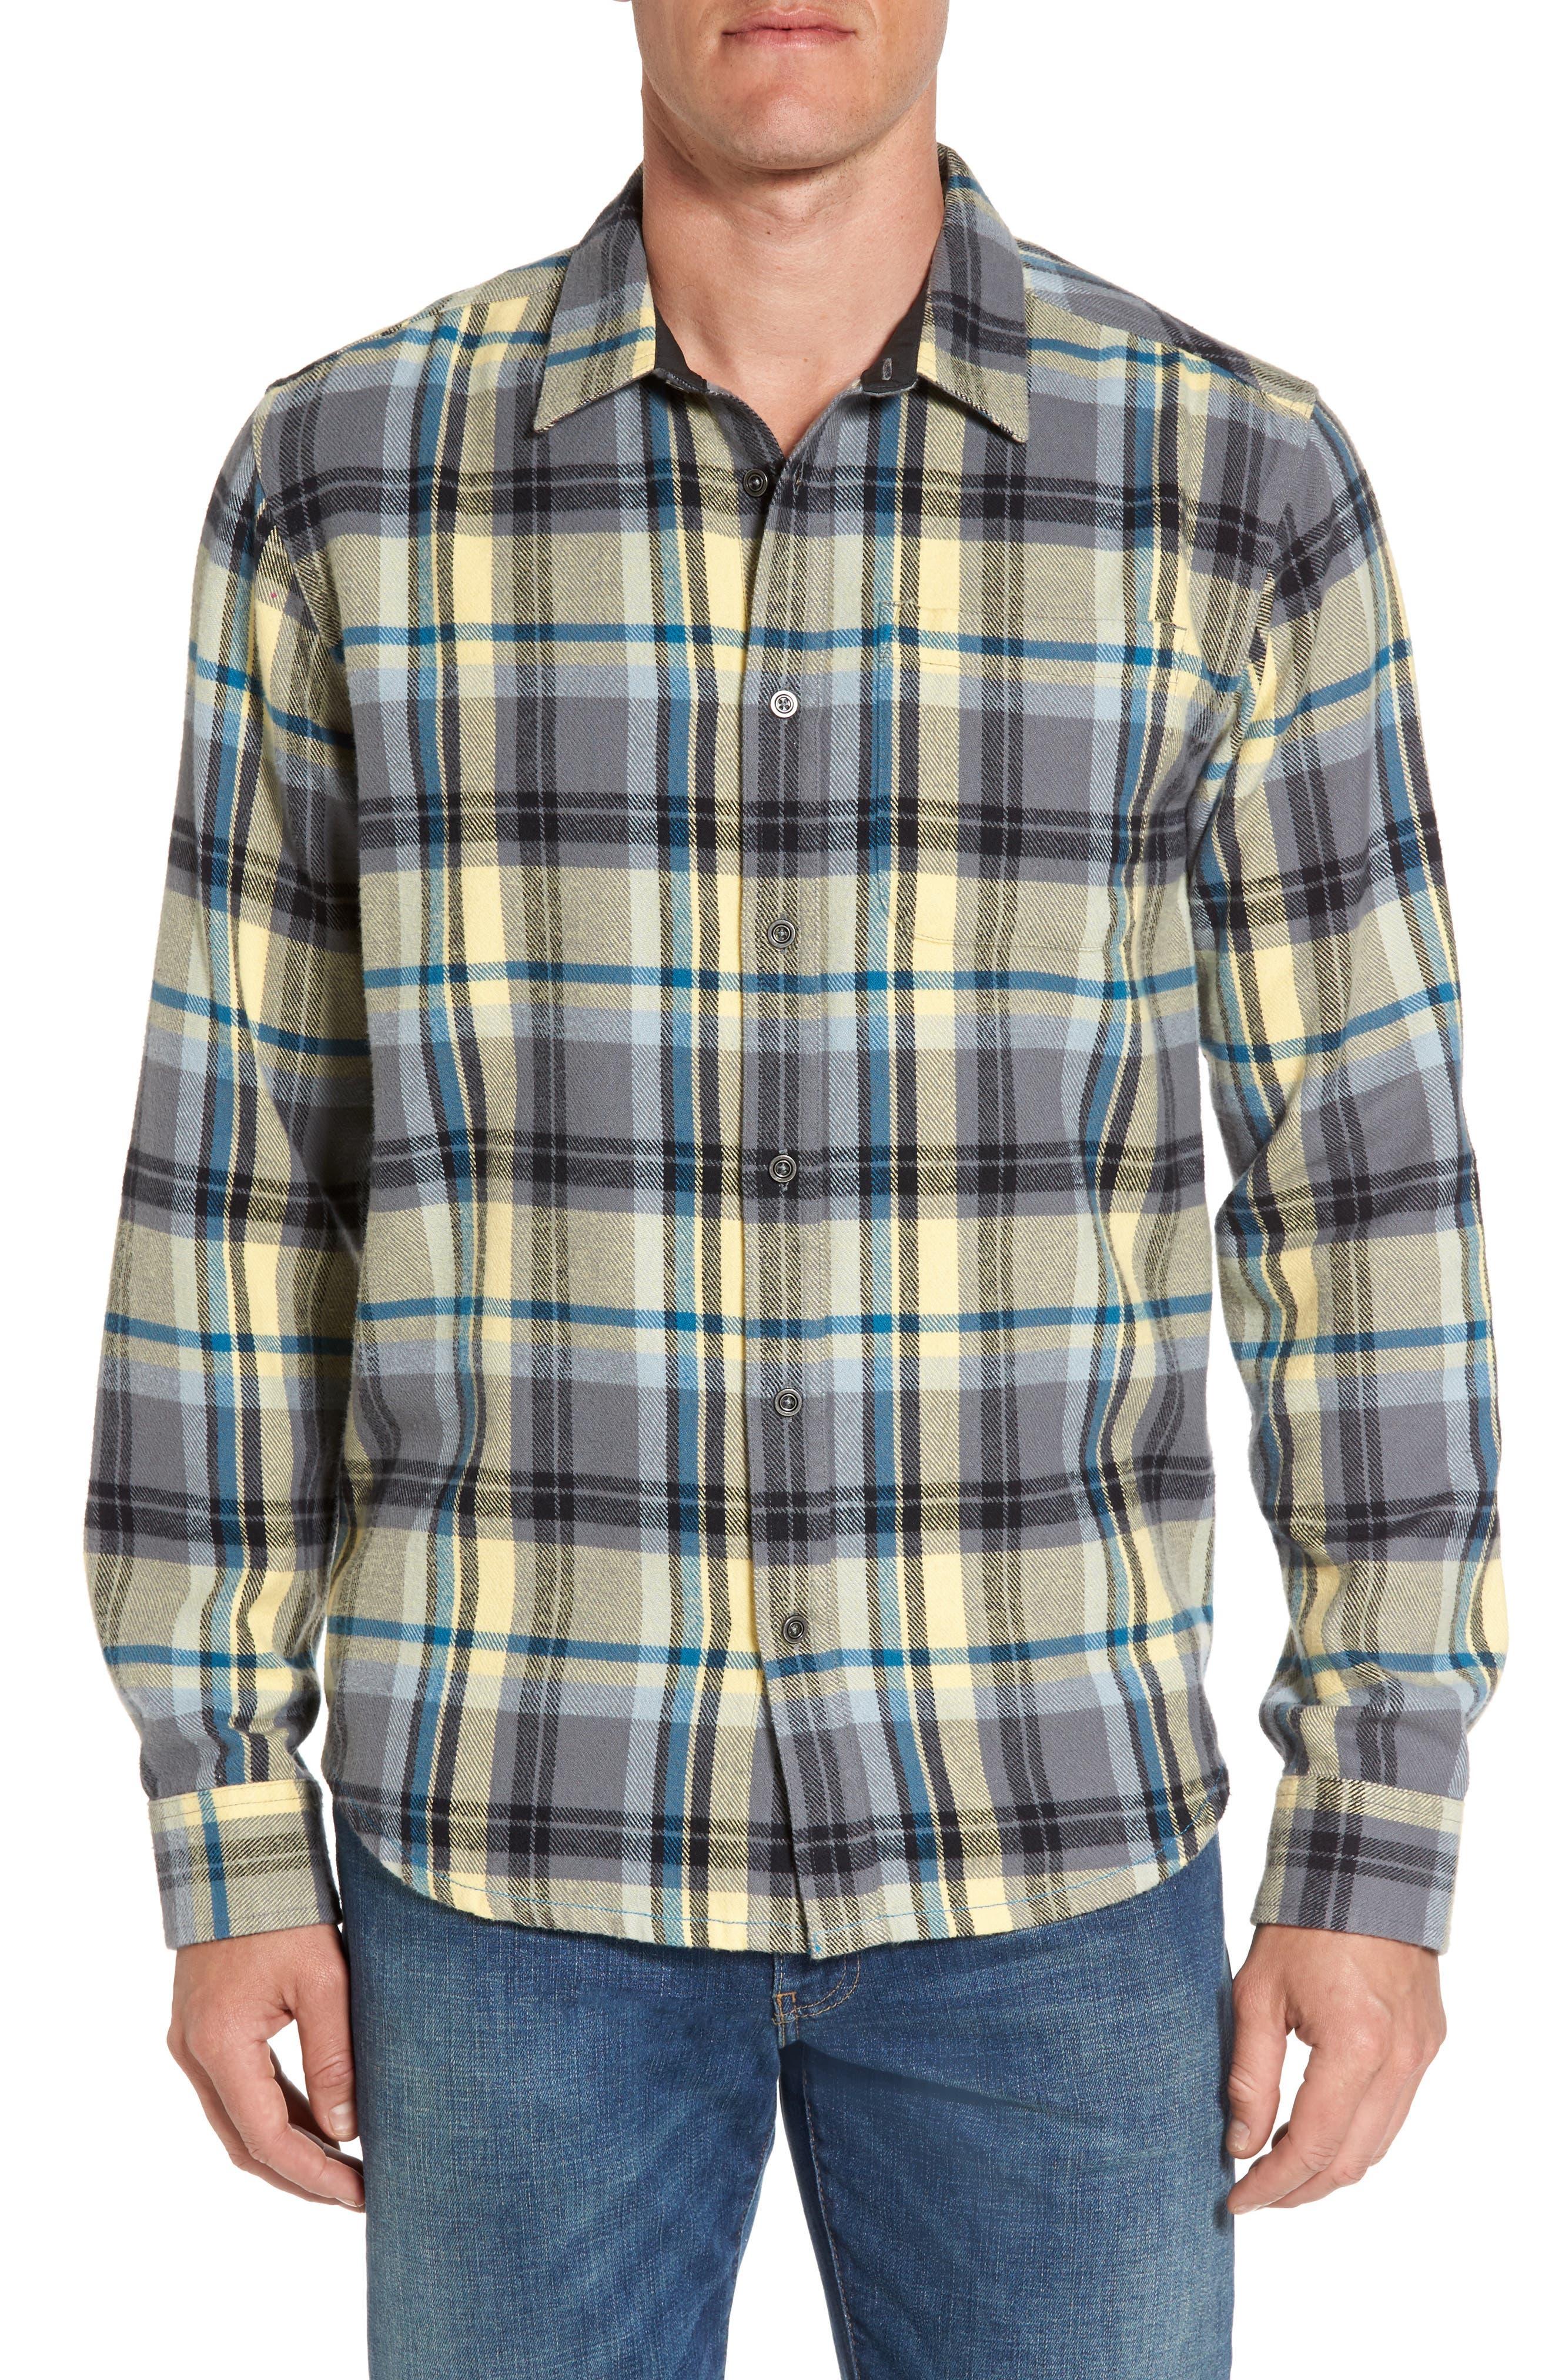 prAna Woodman Regular Fit Flannel Shirt